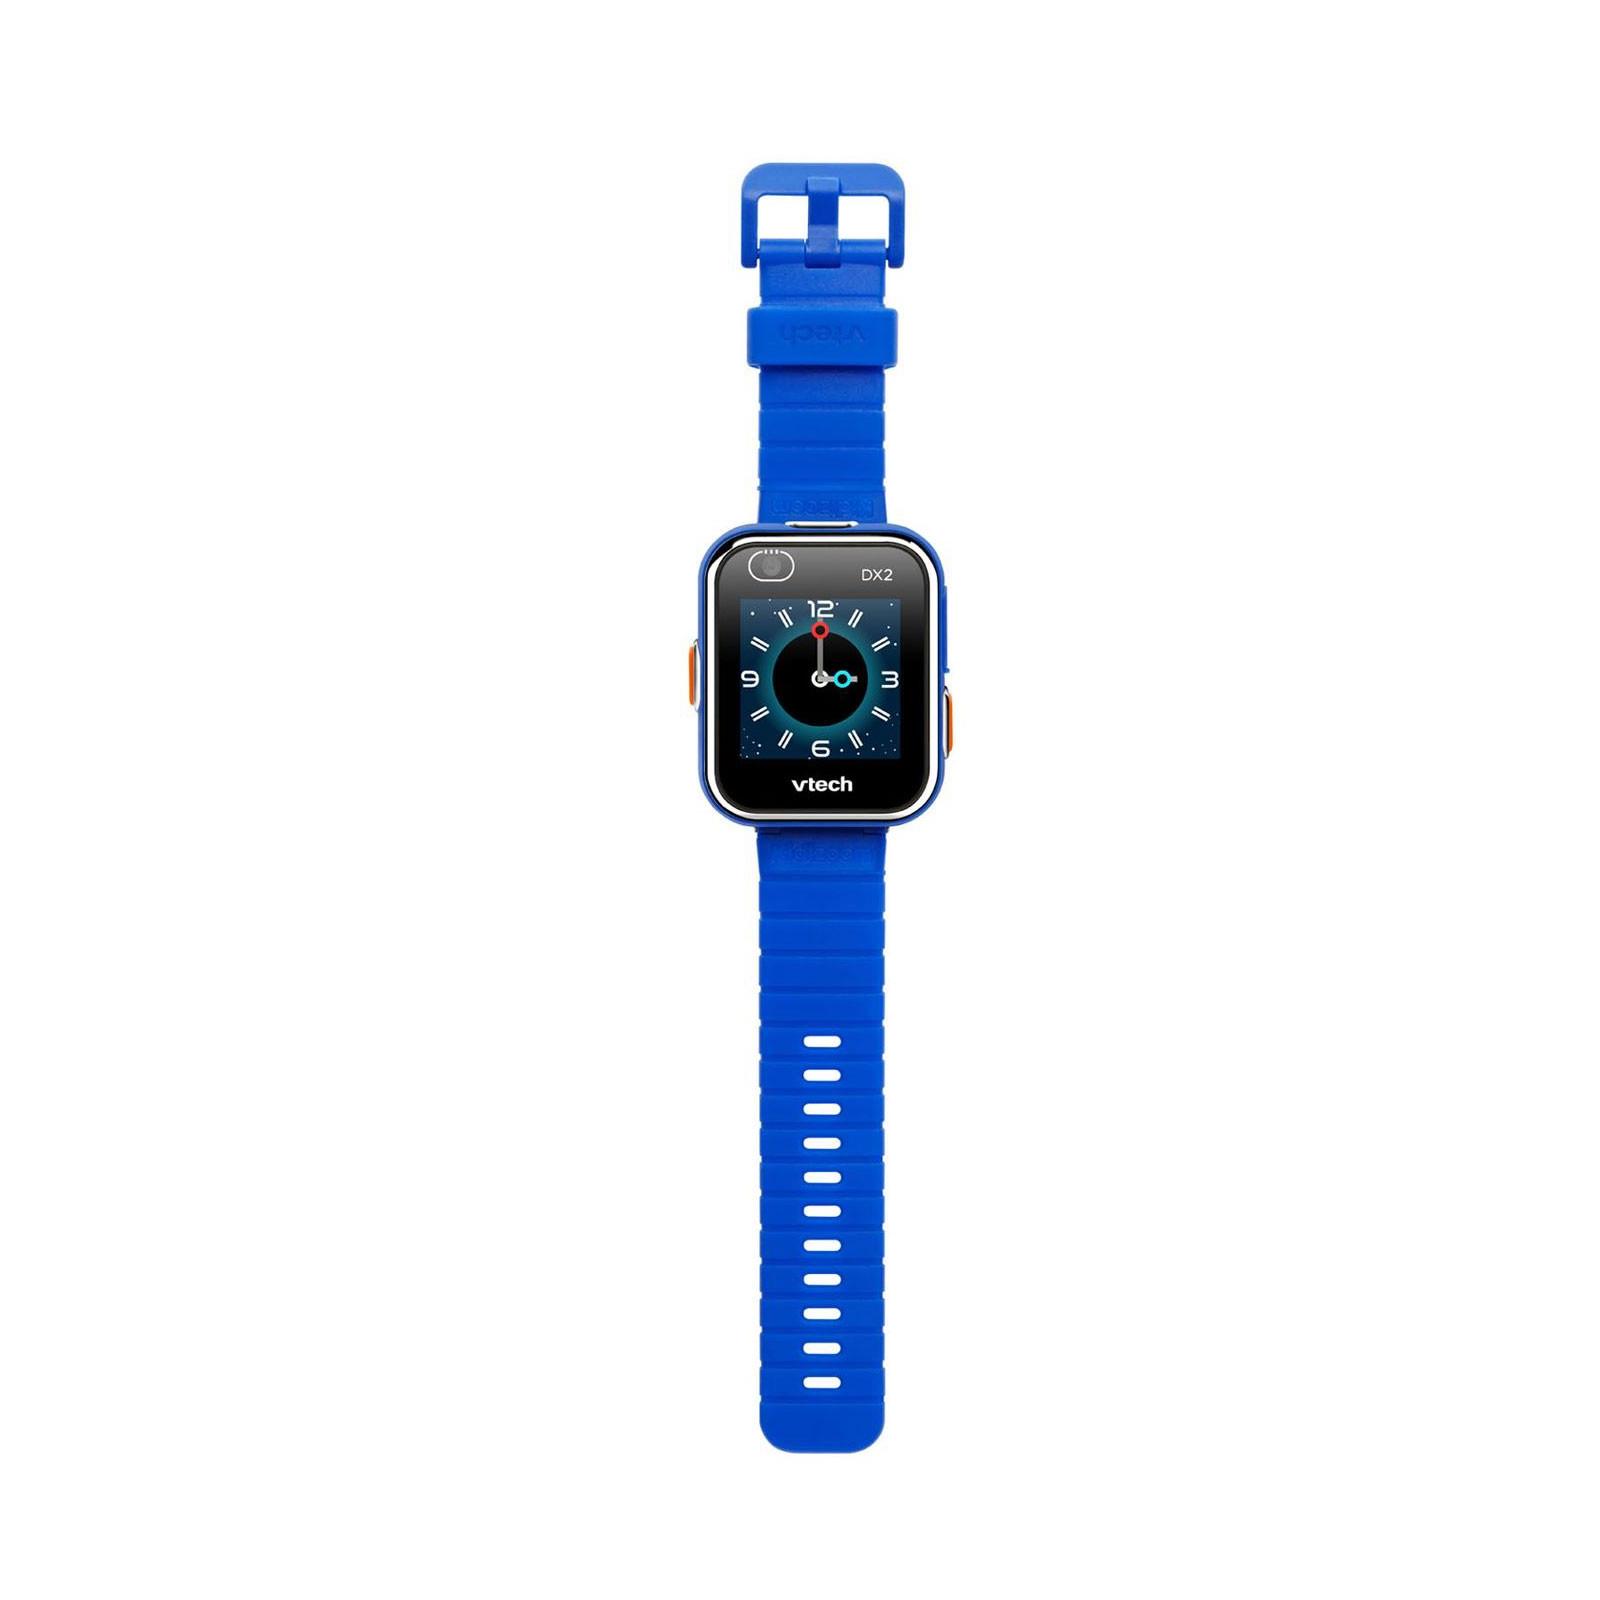 Интерактивная игрушка VTech Детские смарт-часы Kidizoom Smart Watch Dx2 Blue (80-193803) изображение 3